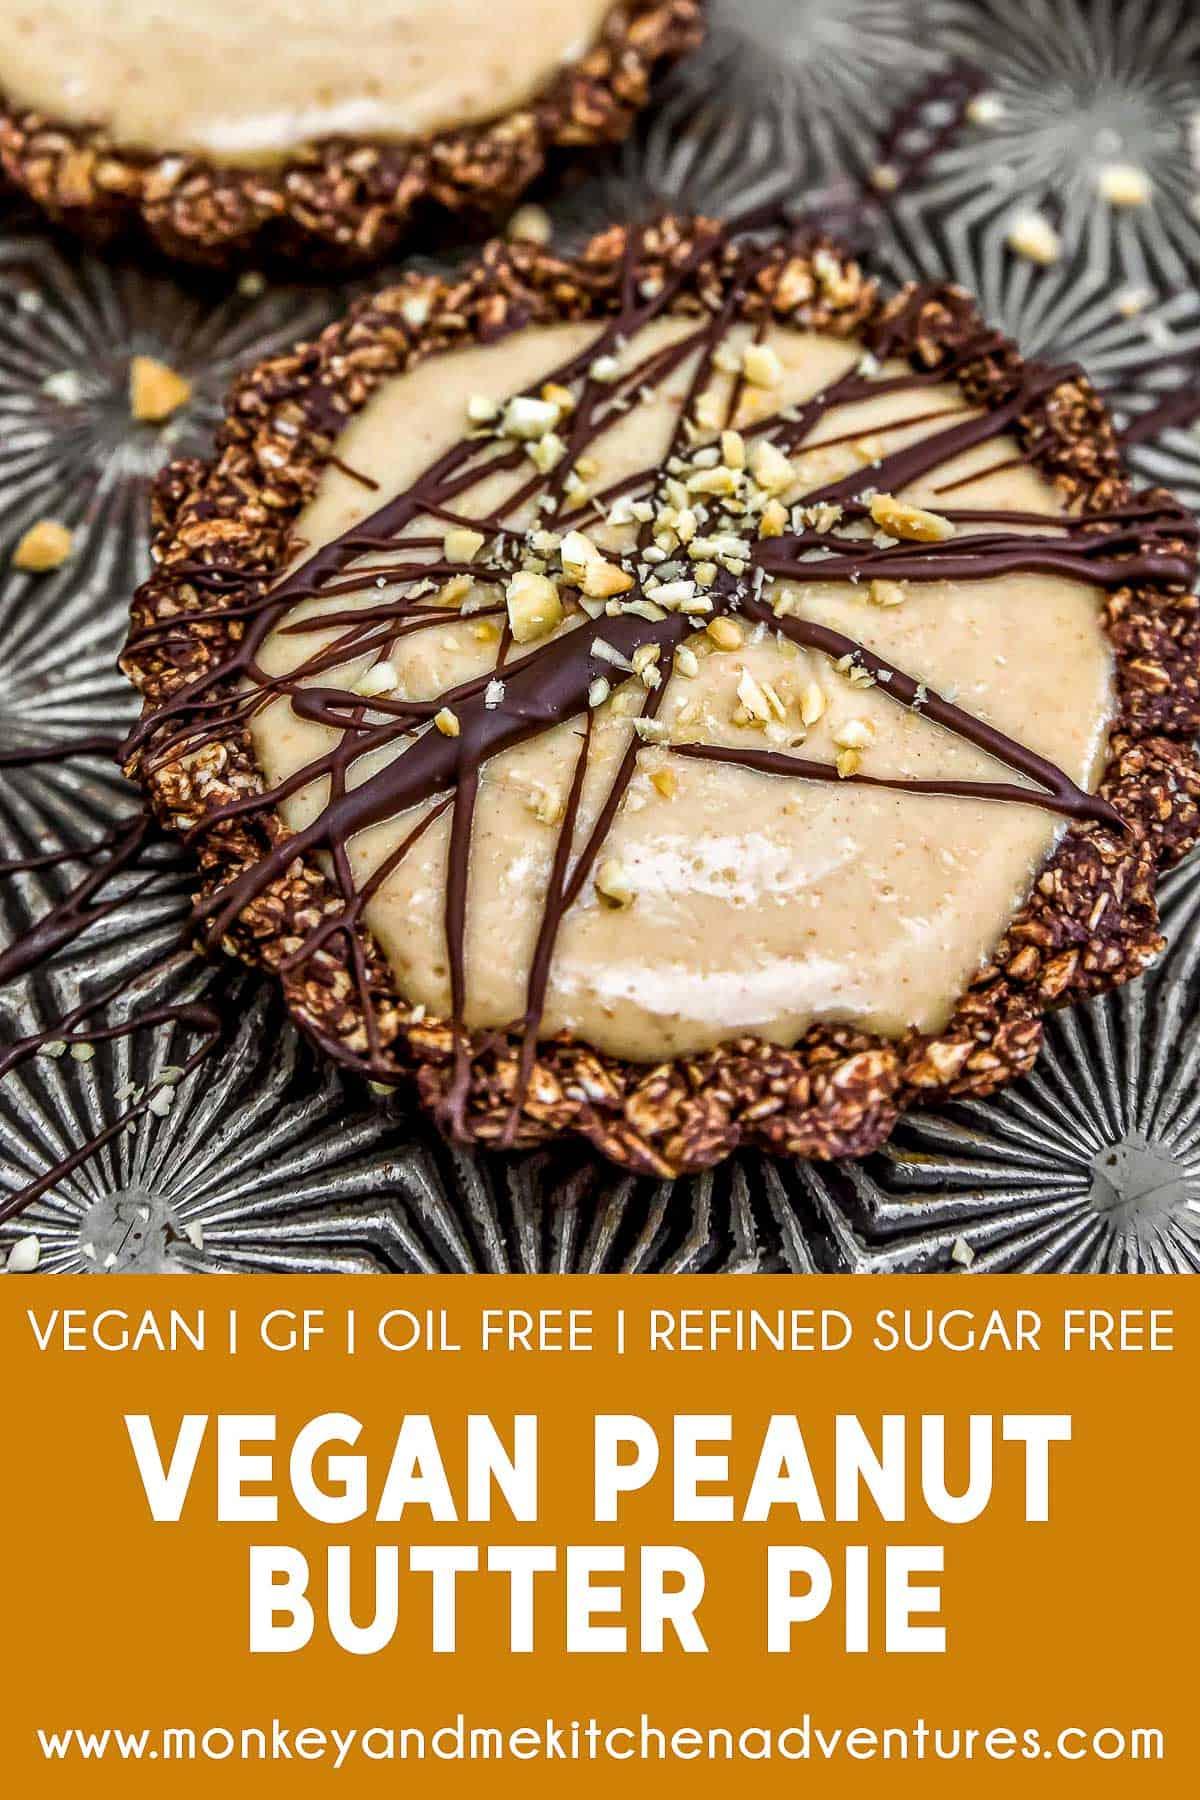 Vegan Peanut Butter Pie with text description